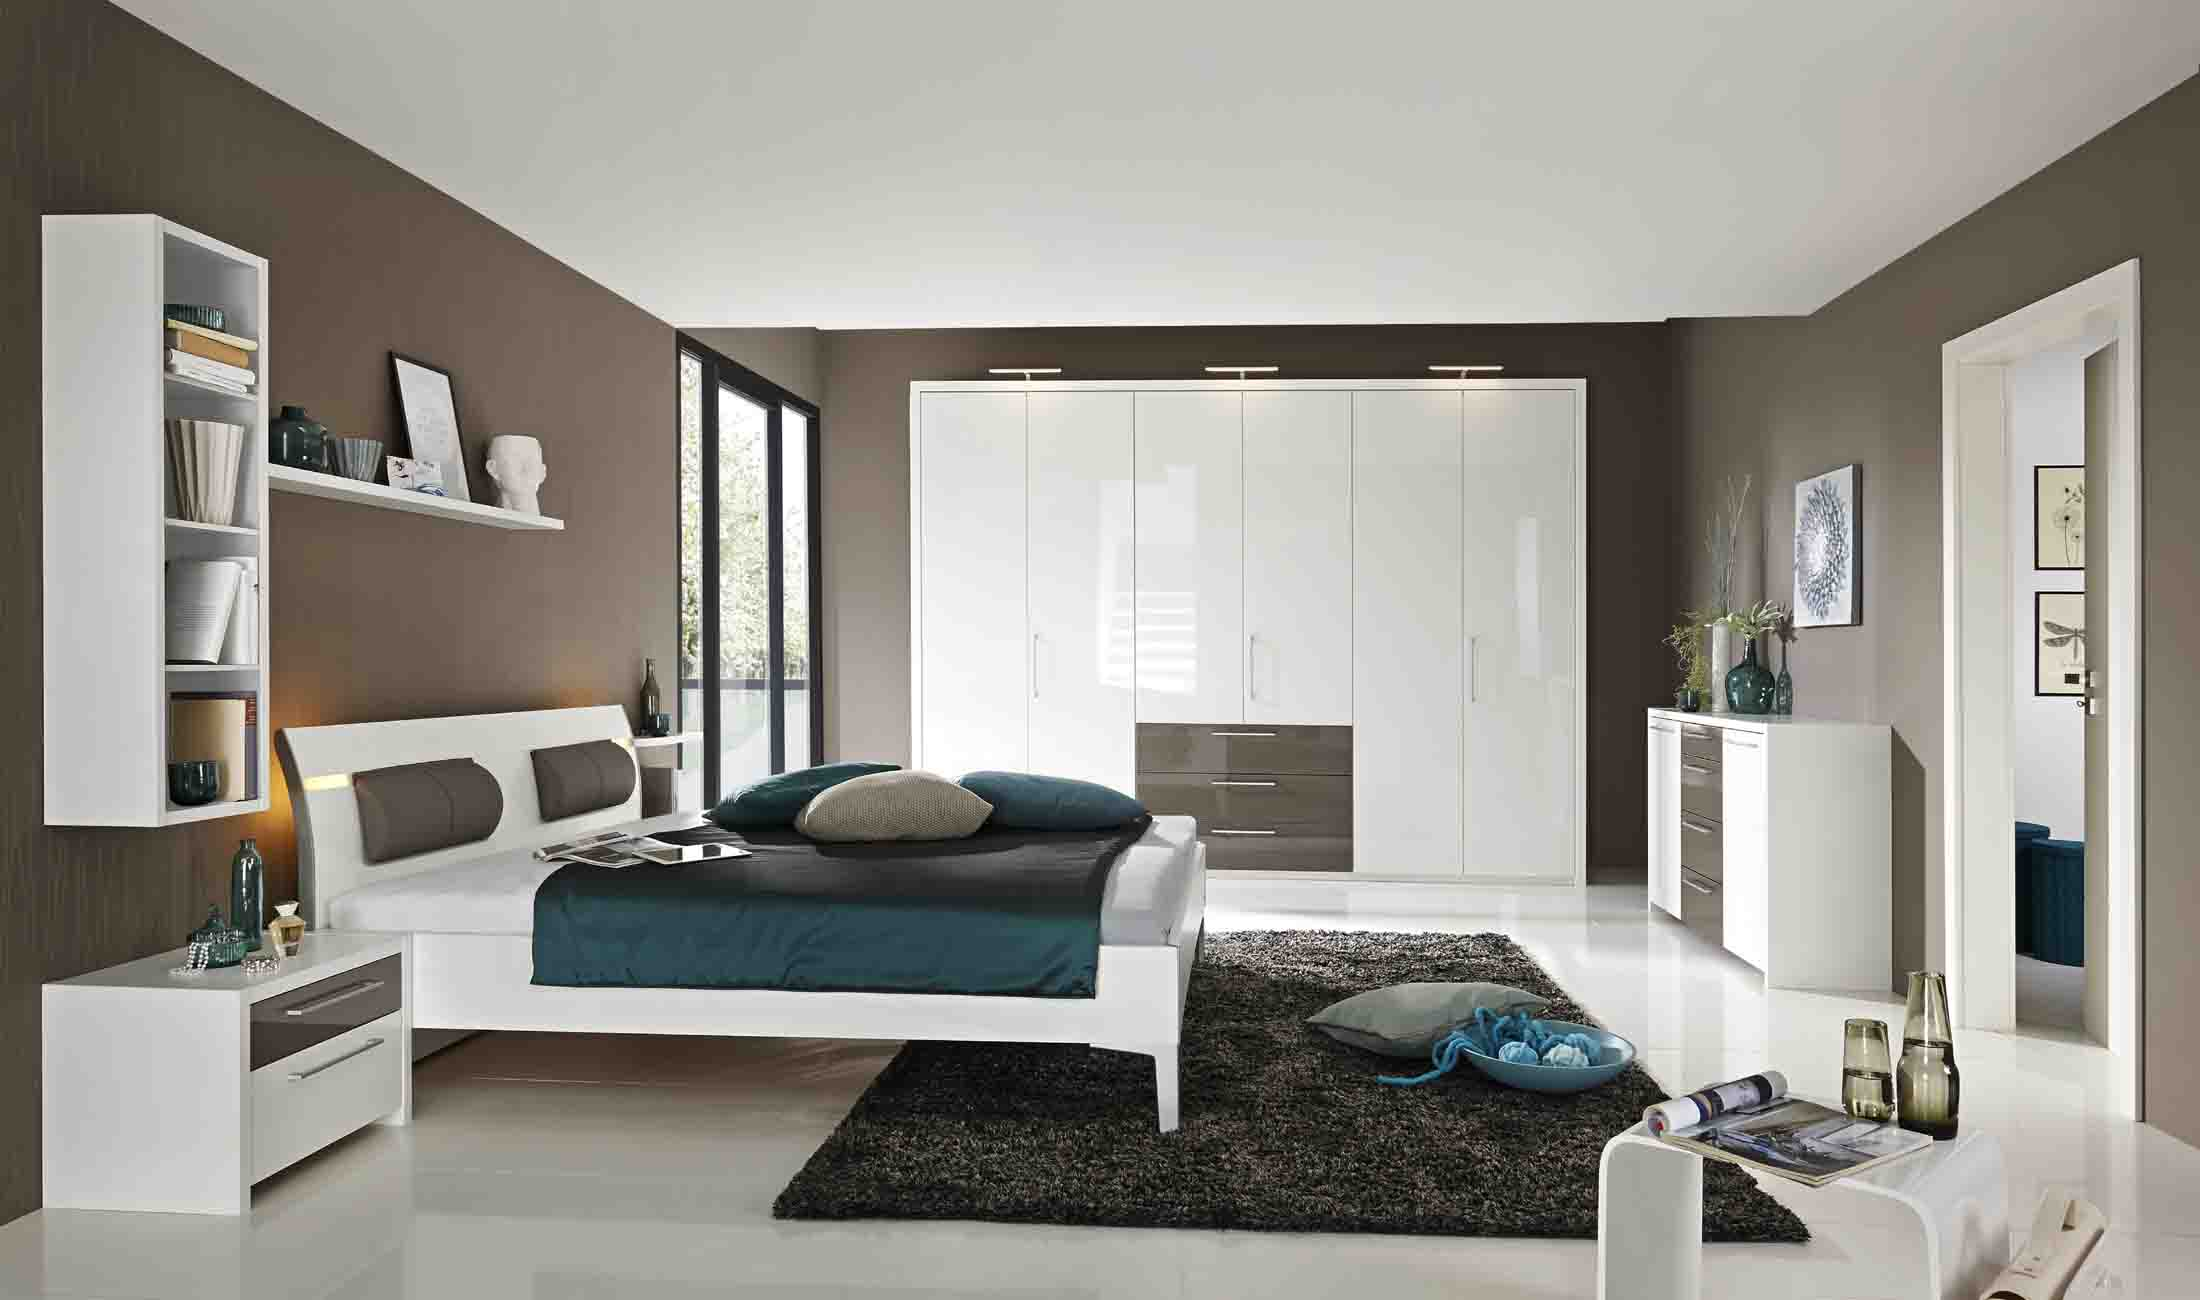 loddenkemper solo nova schlafzimmer | massiva möbel.de, Schlafzimmer entwurf